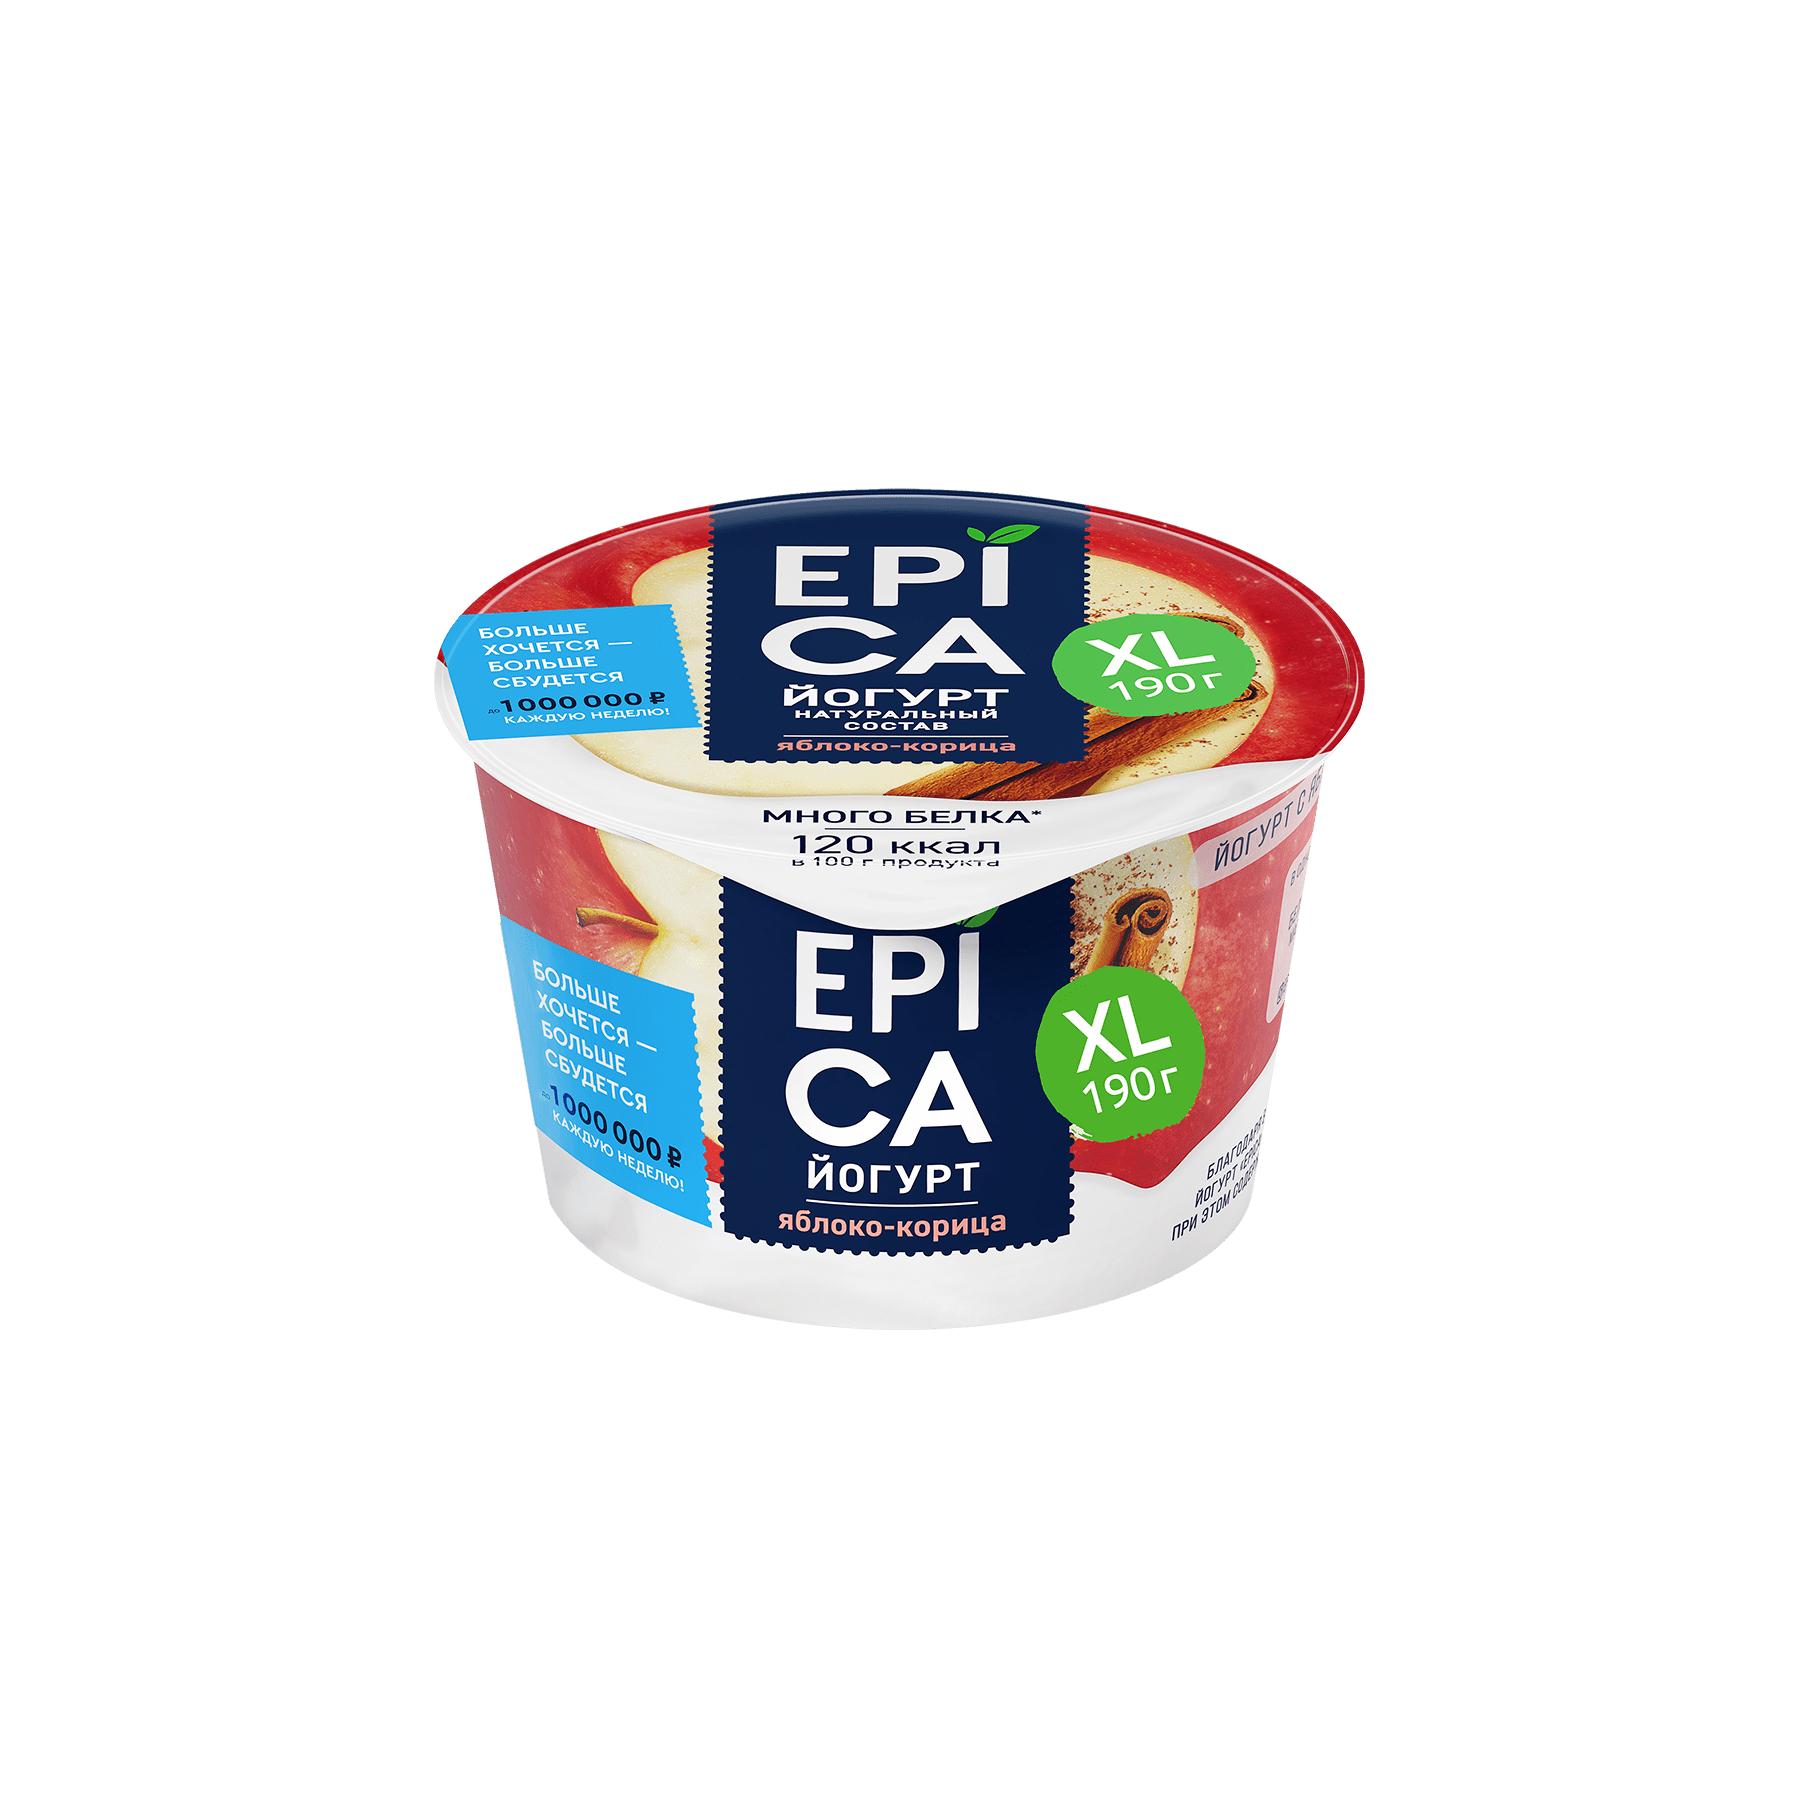 Йогурт Epica с яблоком и корицей 4,8% 190 г каша semix с семенами чиа яблоком и корицей 65 г